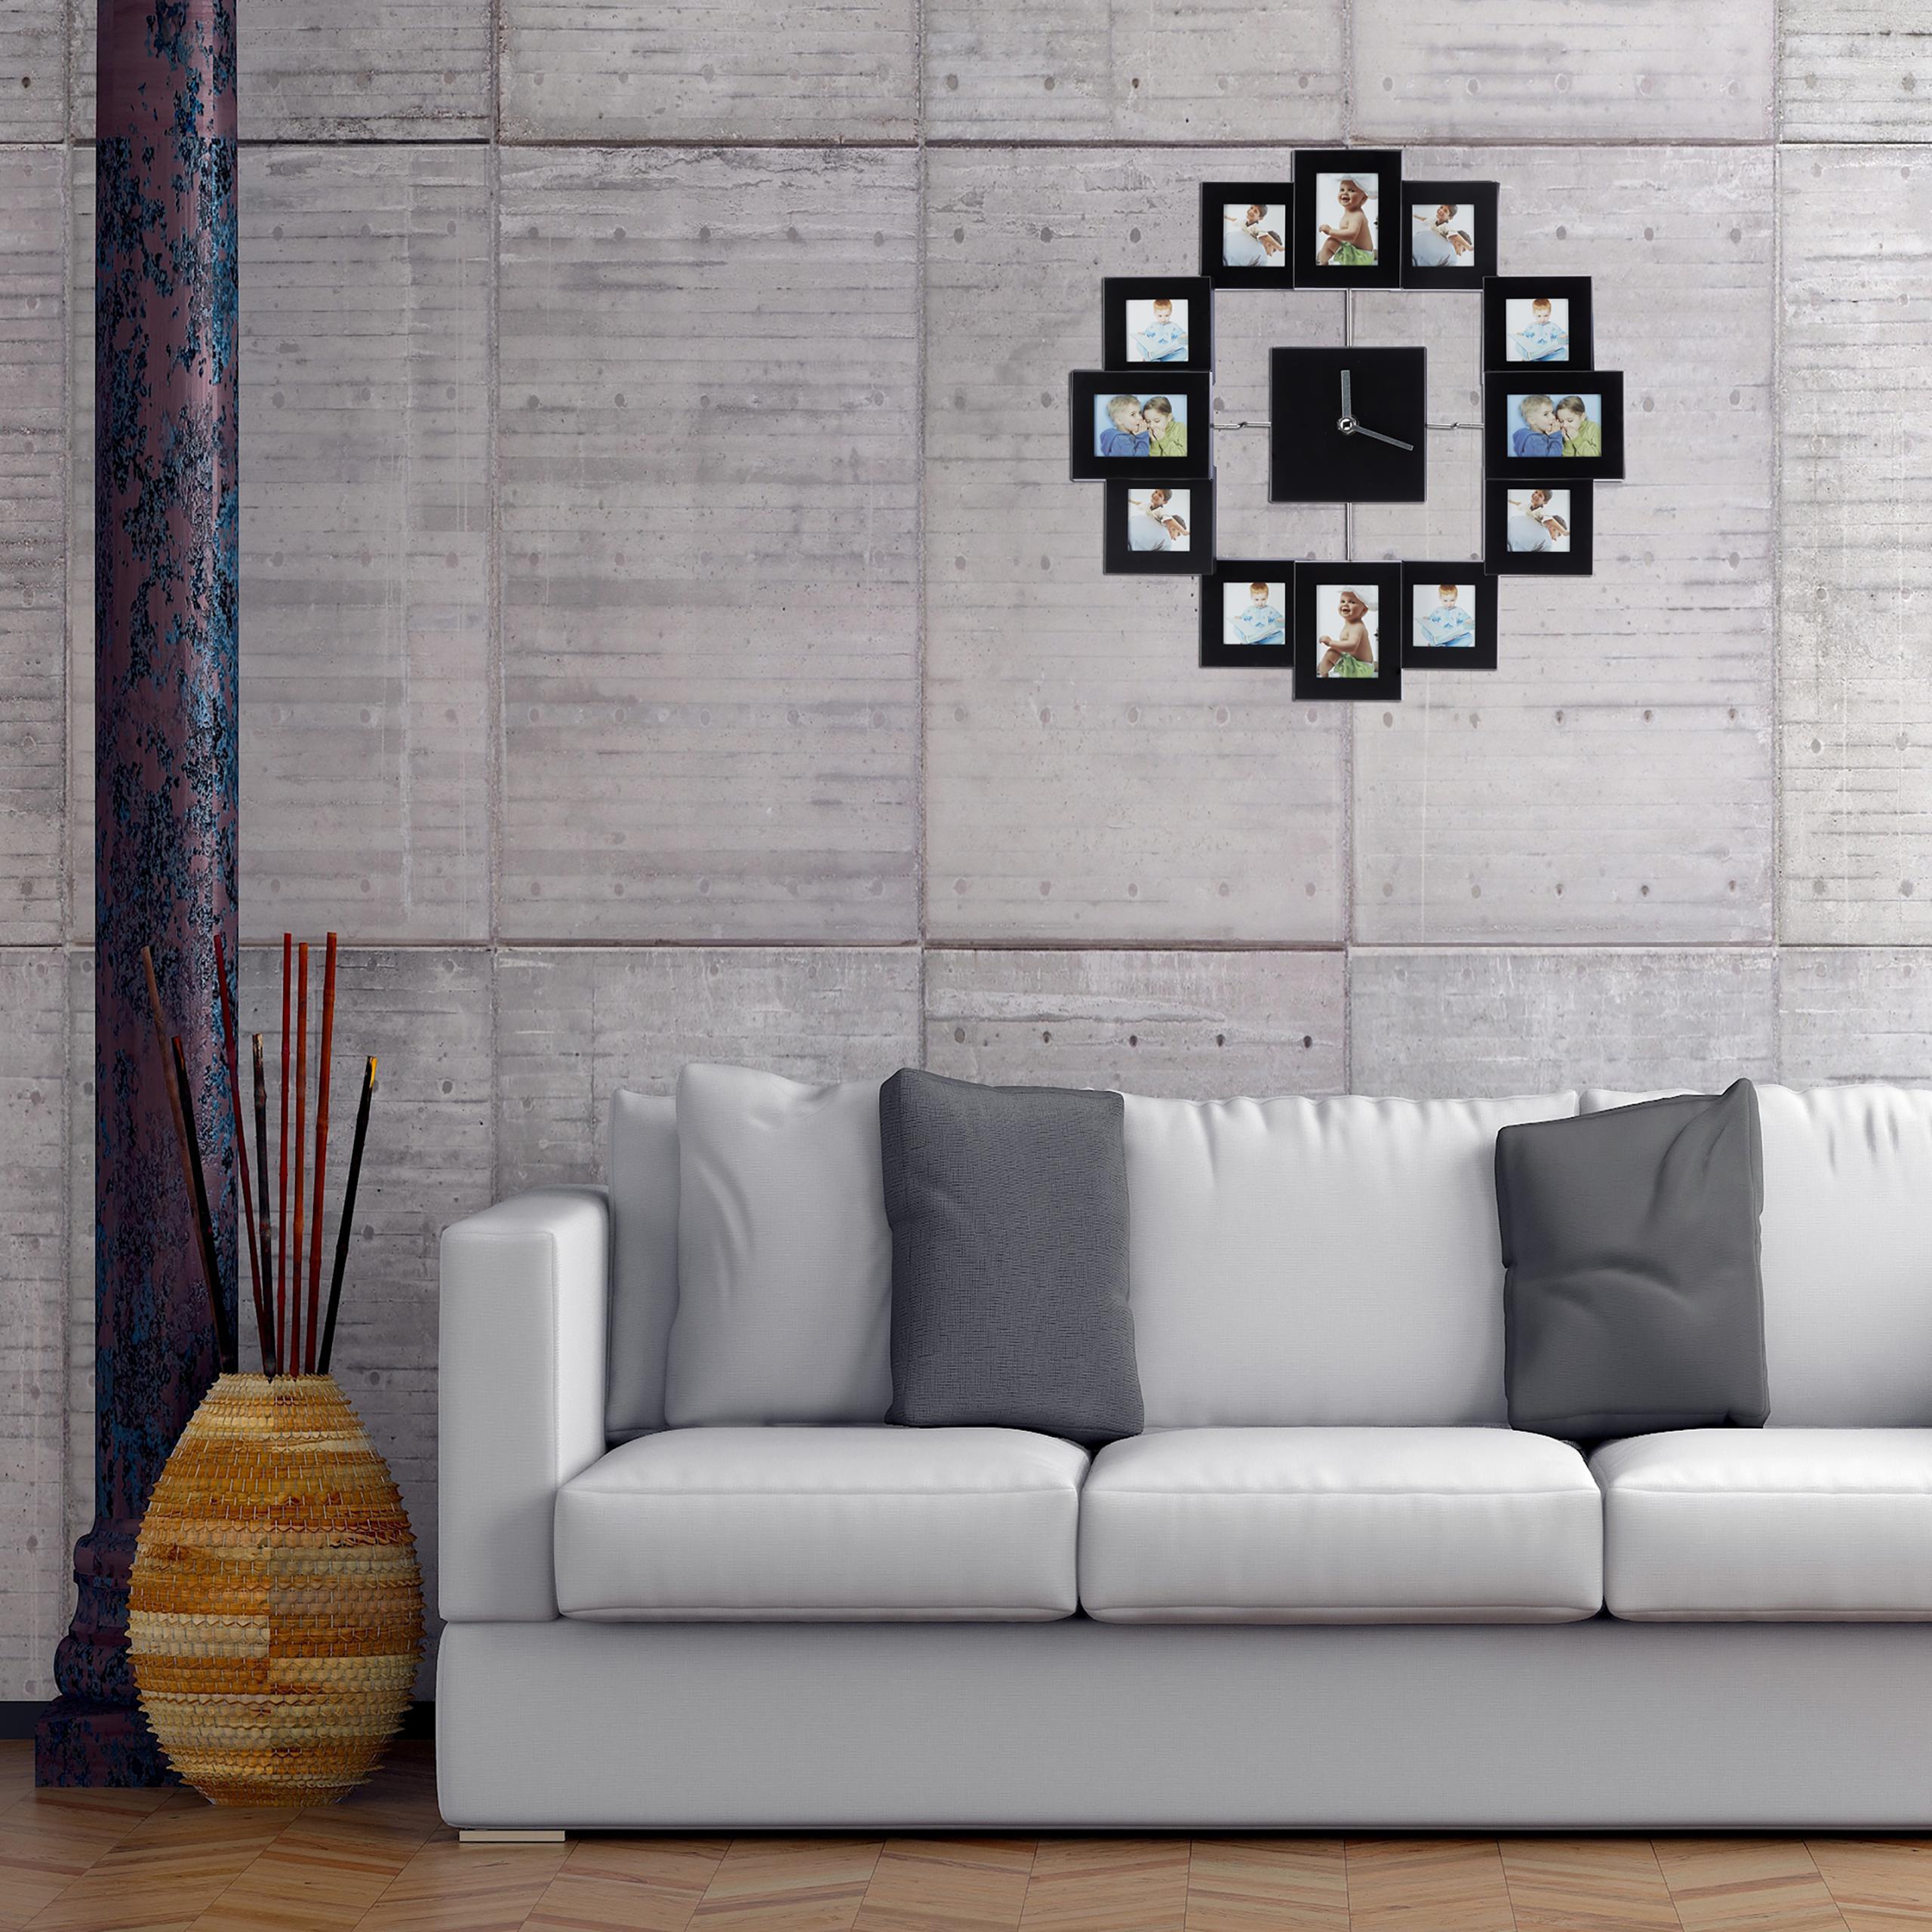 wanduhr mit bilderrahmen bilderuhr 12 fotos zum selbstgestalten fotouhr ebay. Black Bedroom Furniture Sets. Home Design Ideas